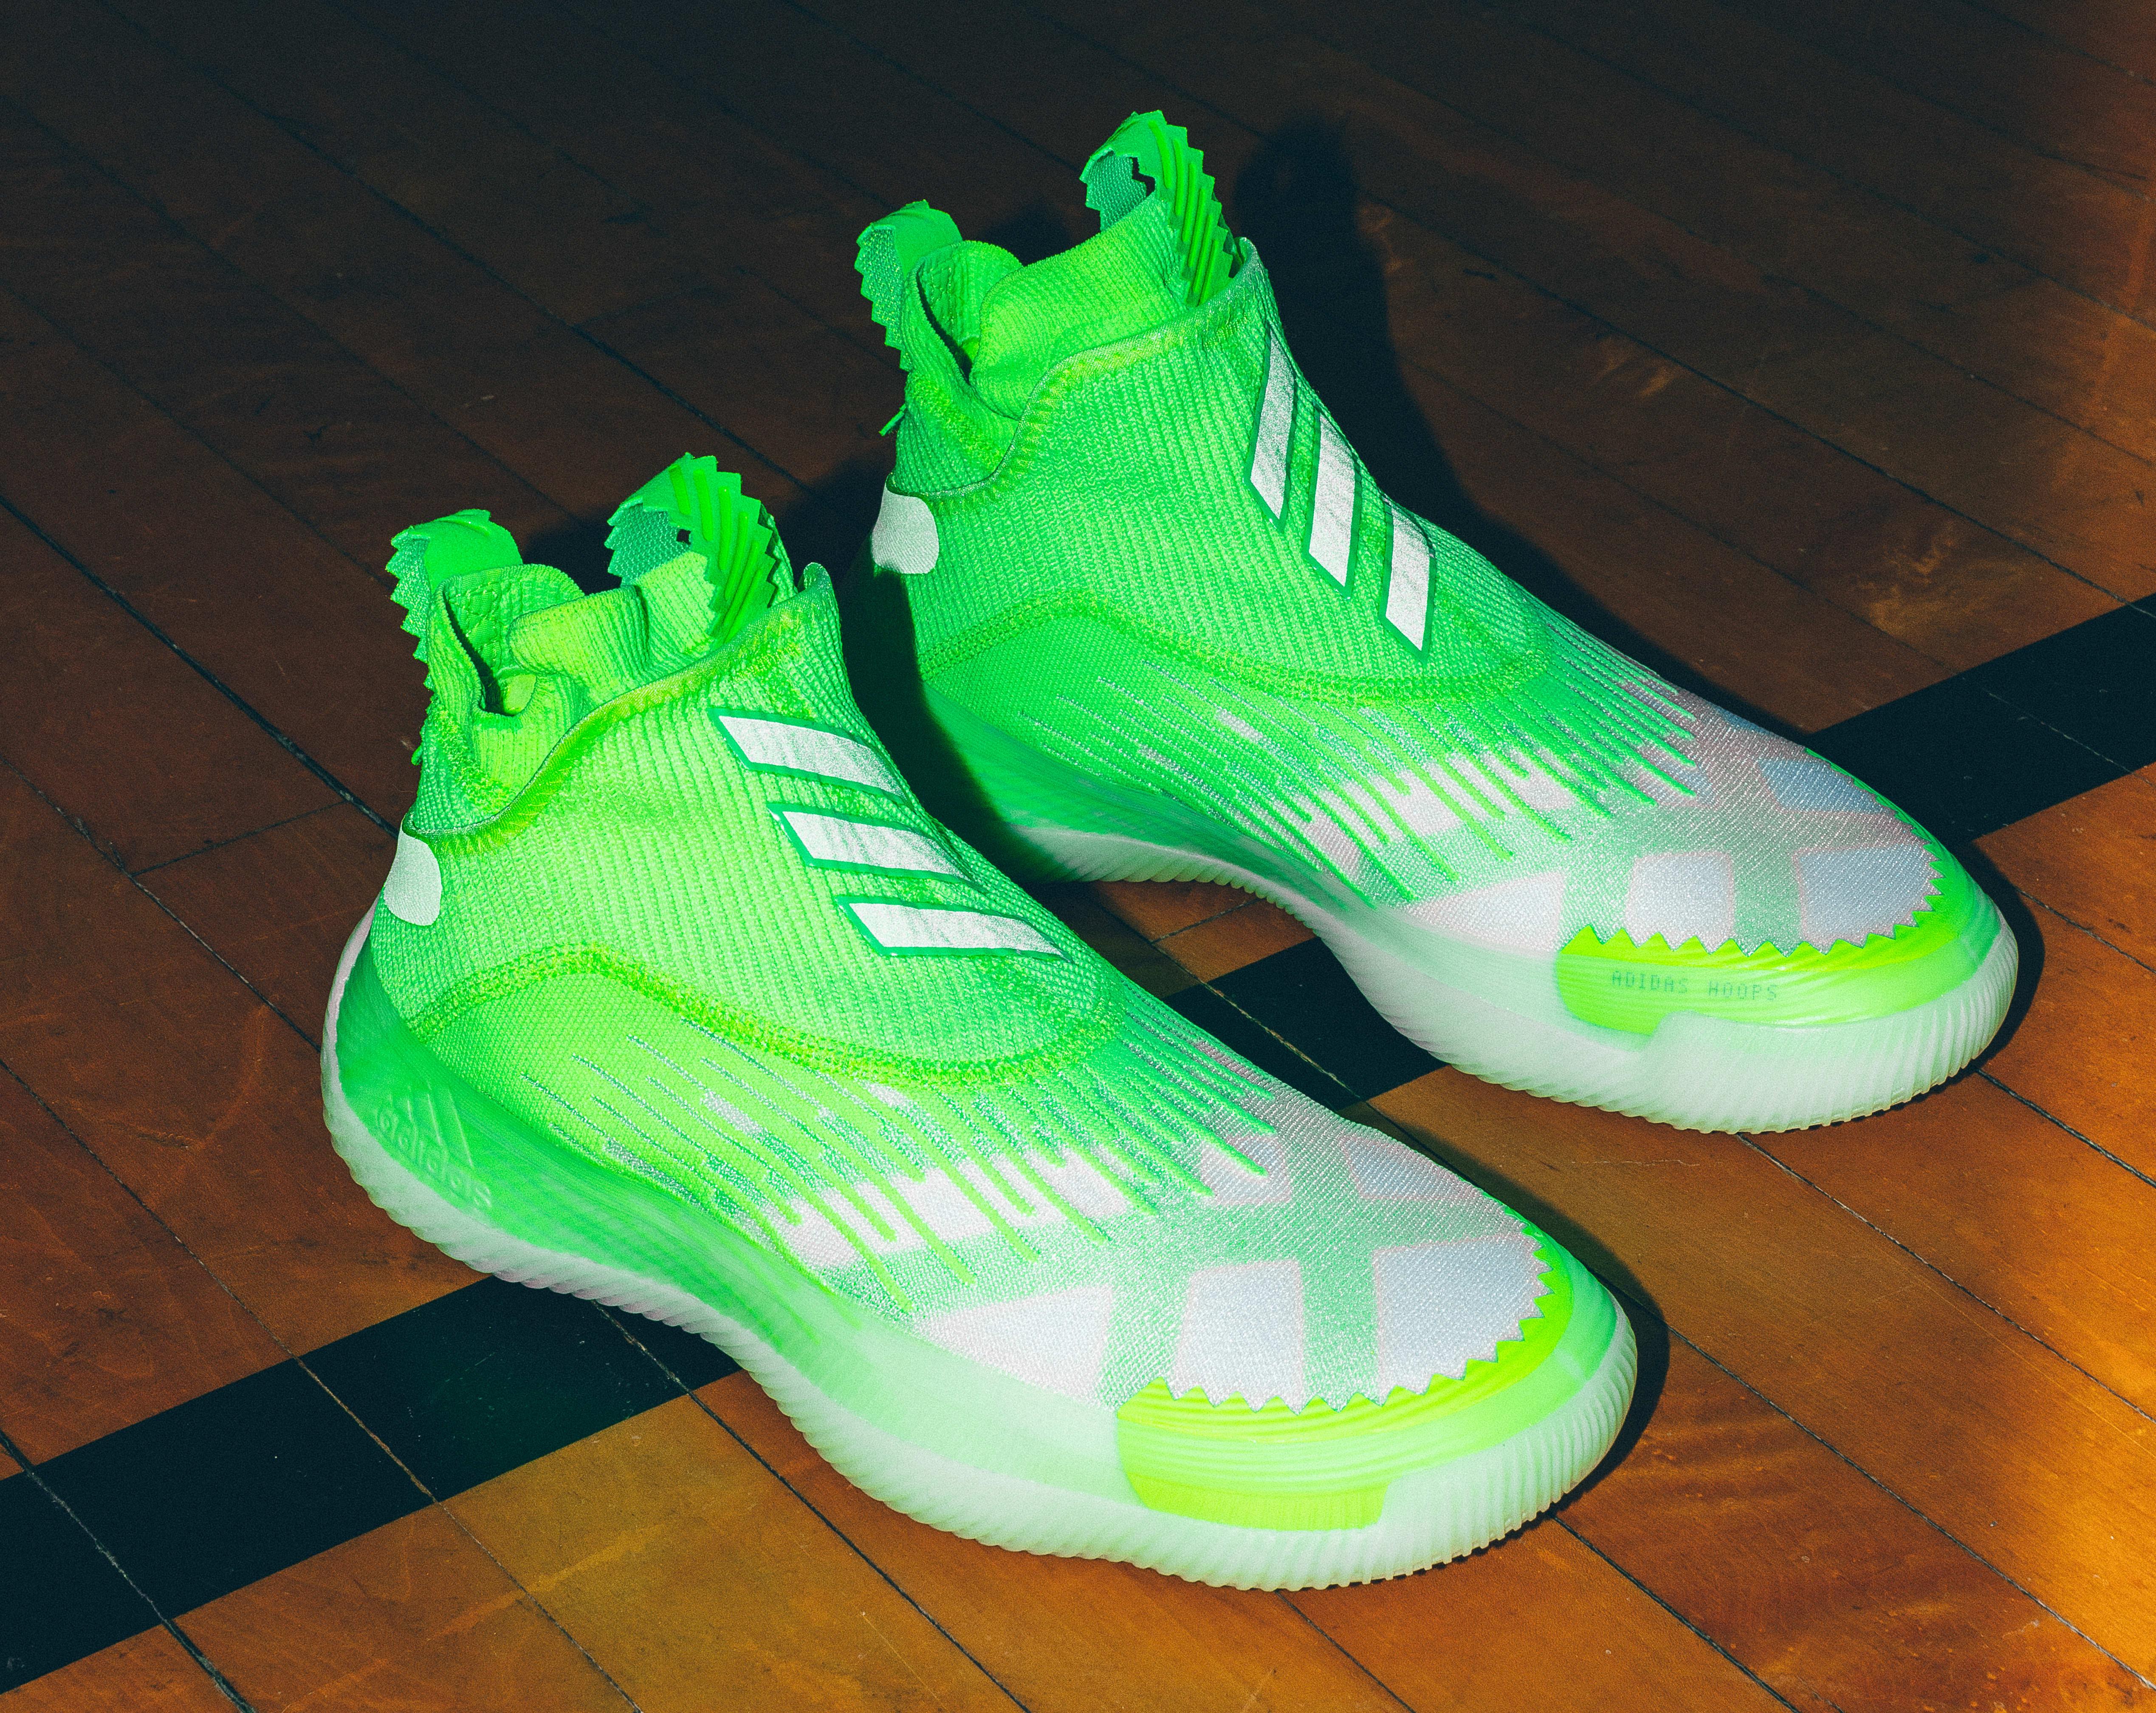 Adidas N3XT L3V3L Futurenatural 'All-Star'